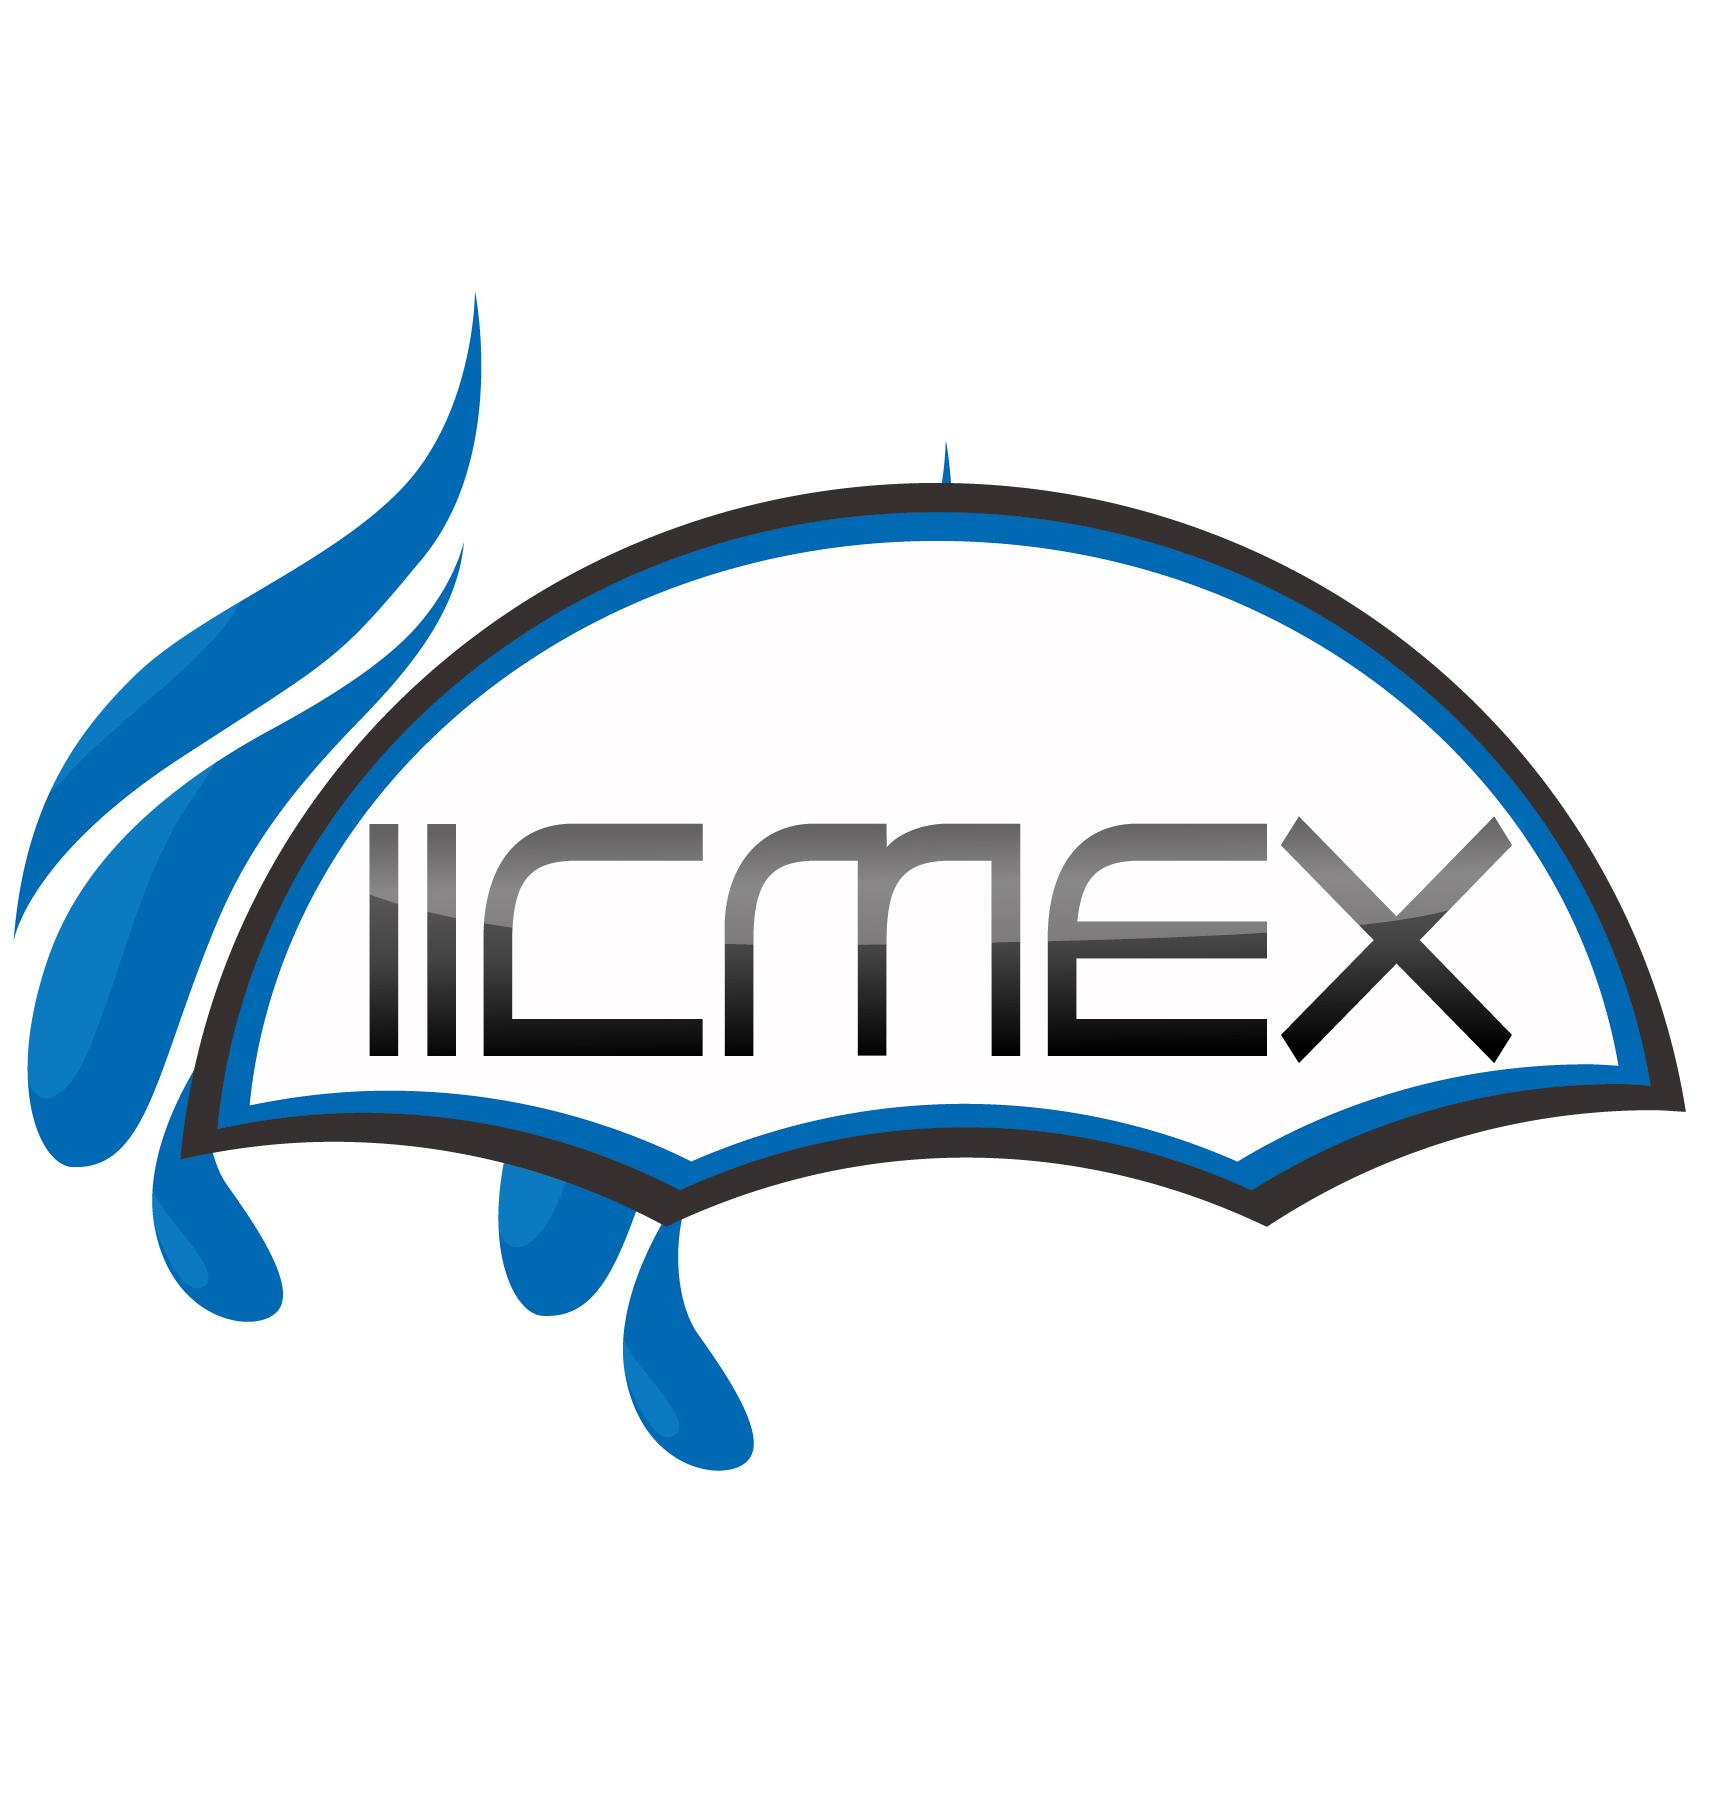 IICMEX Ingeniería Impermeable de la Construcción Mexicana